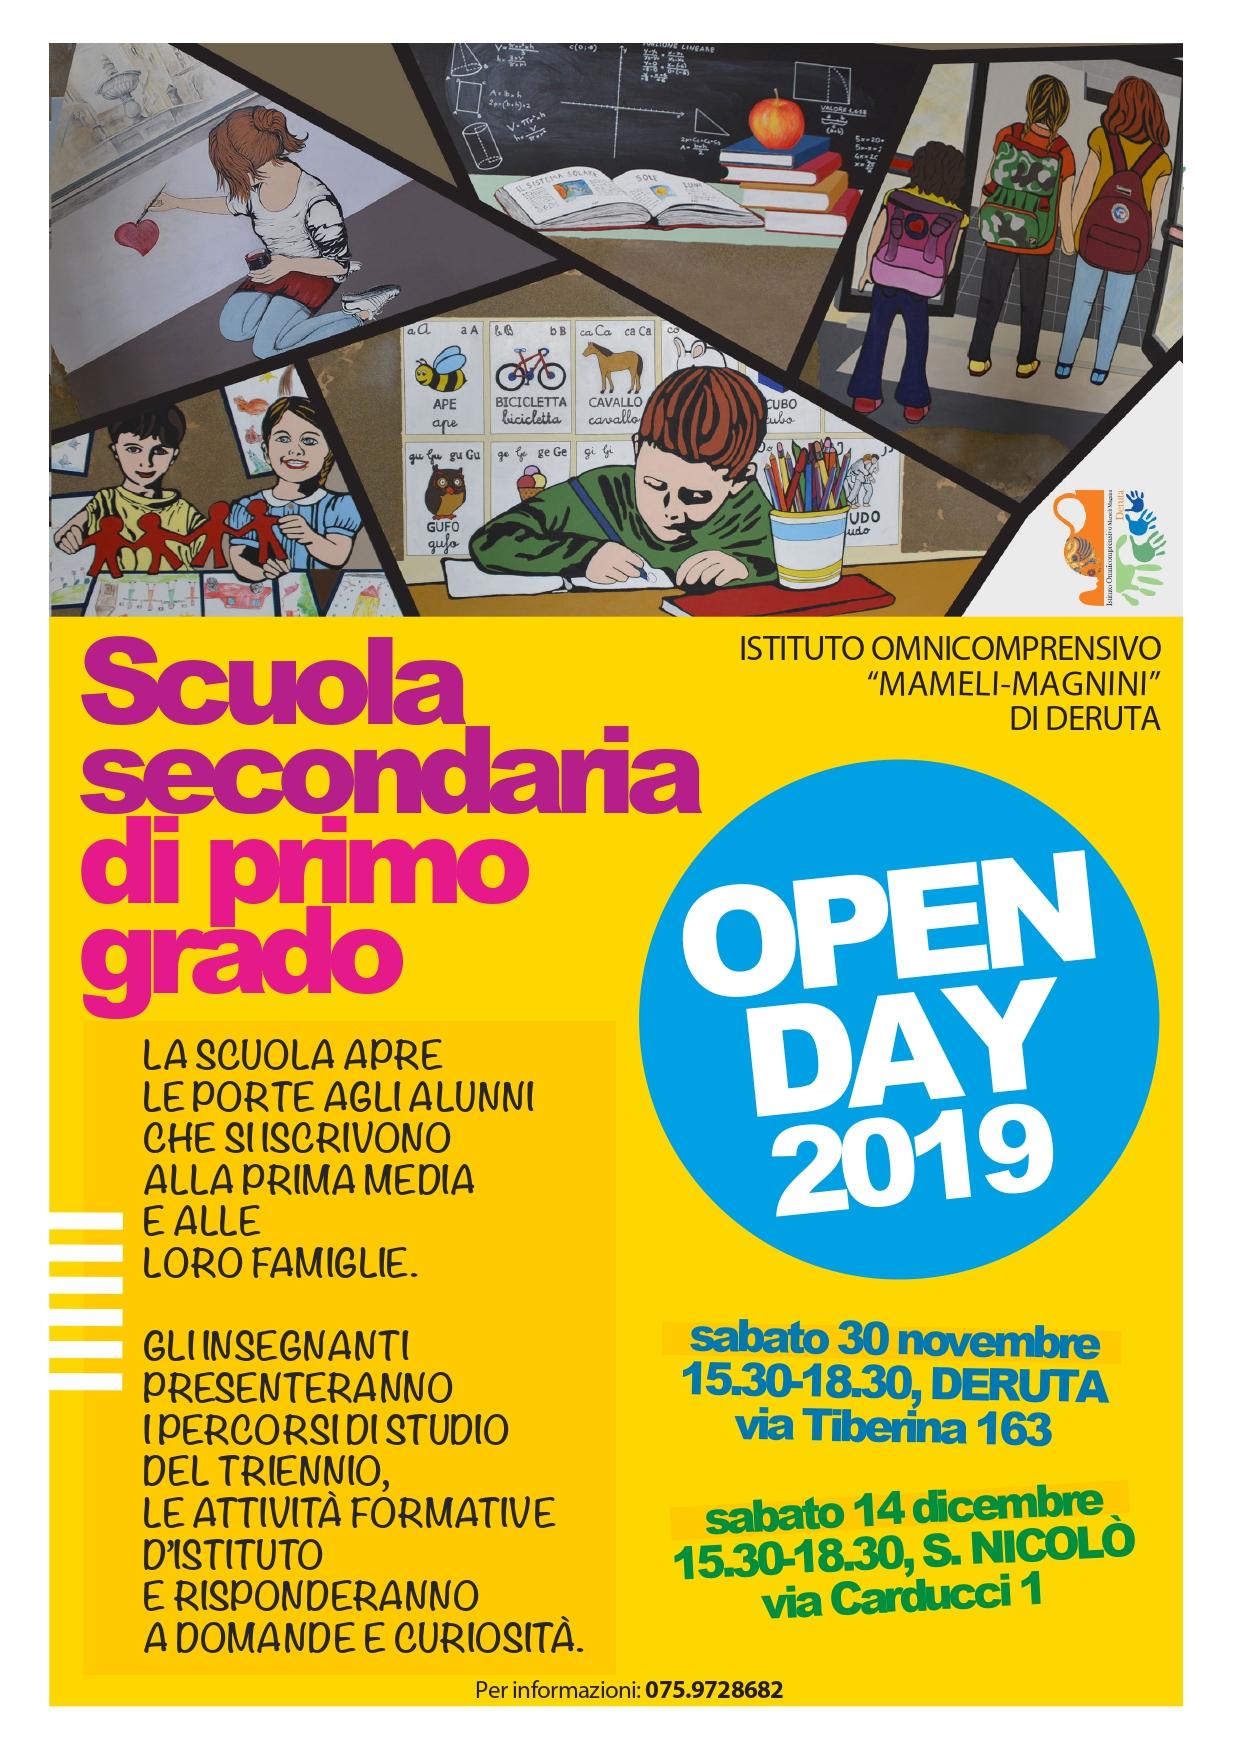 Open day 2019 - Scuola media